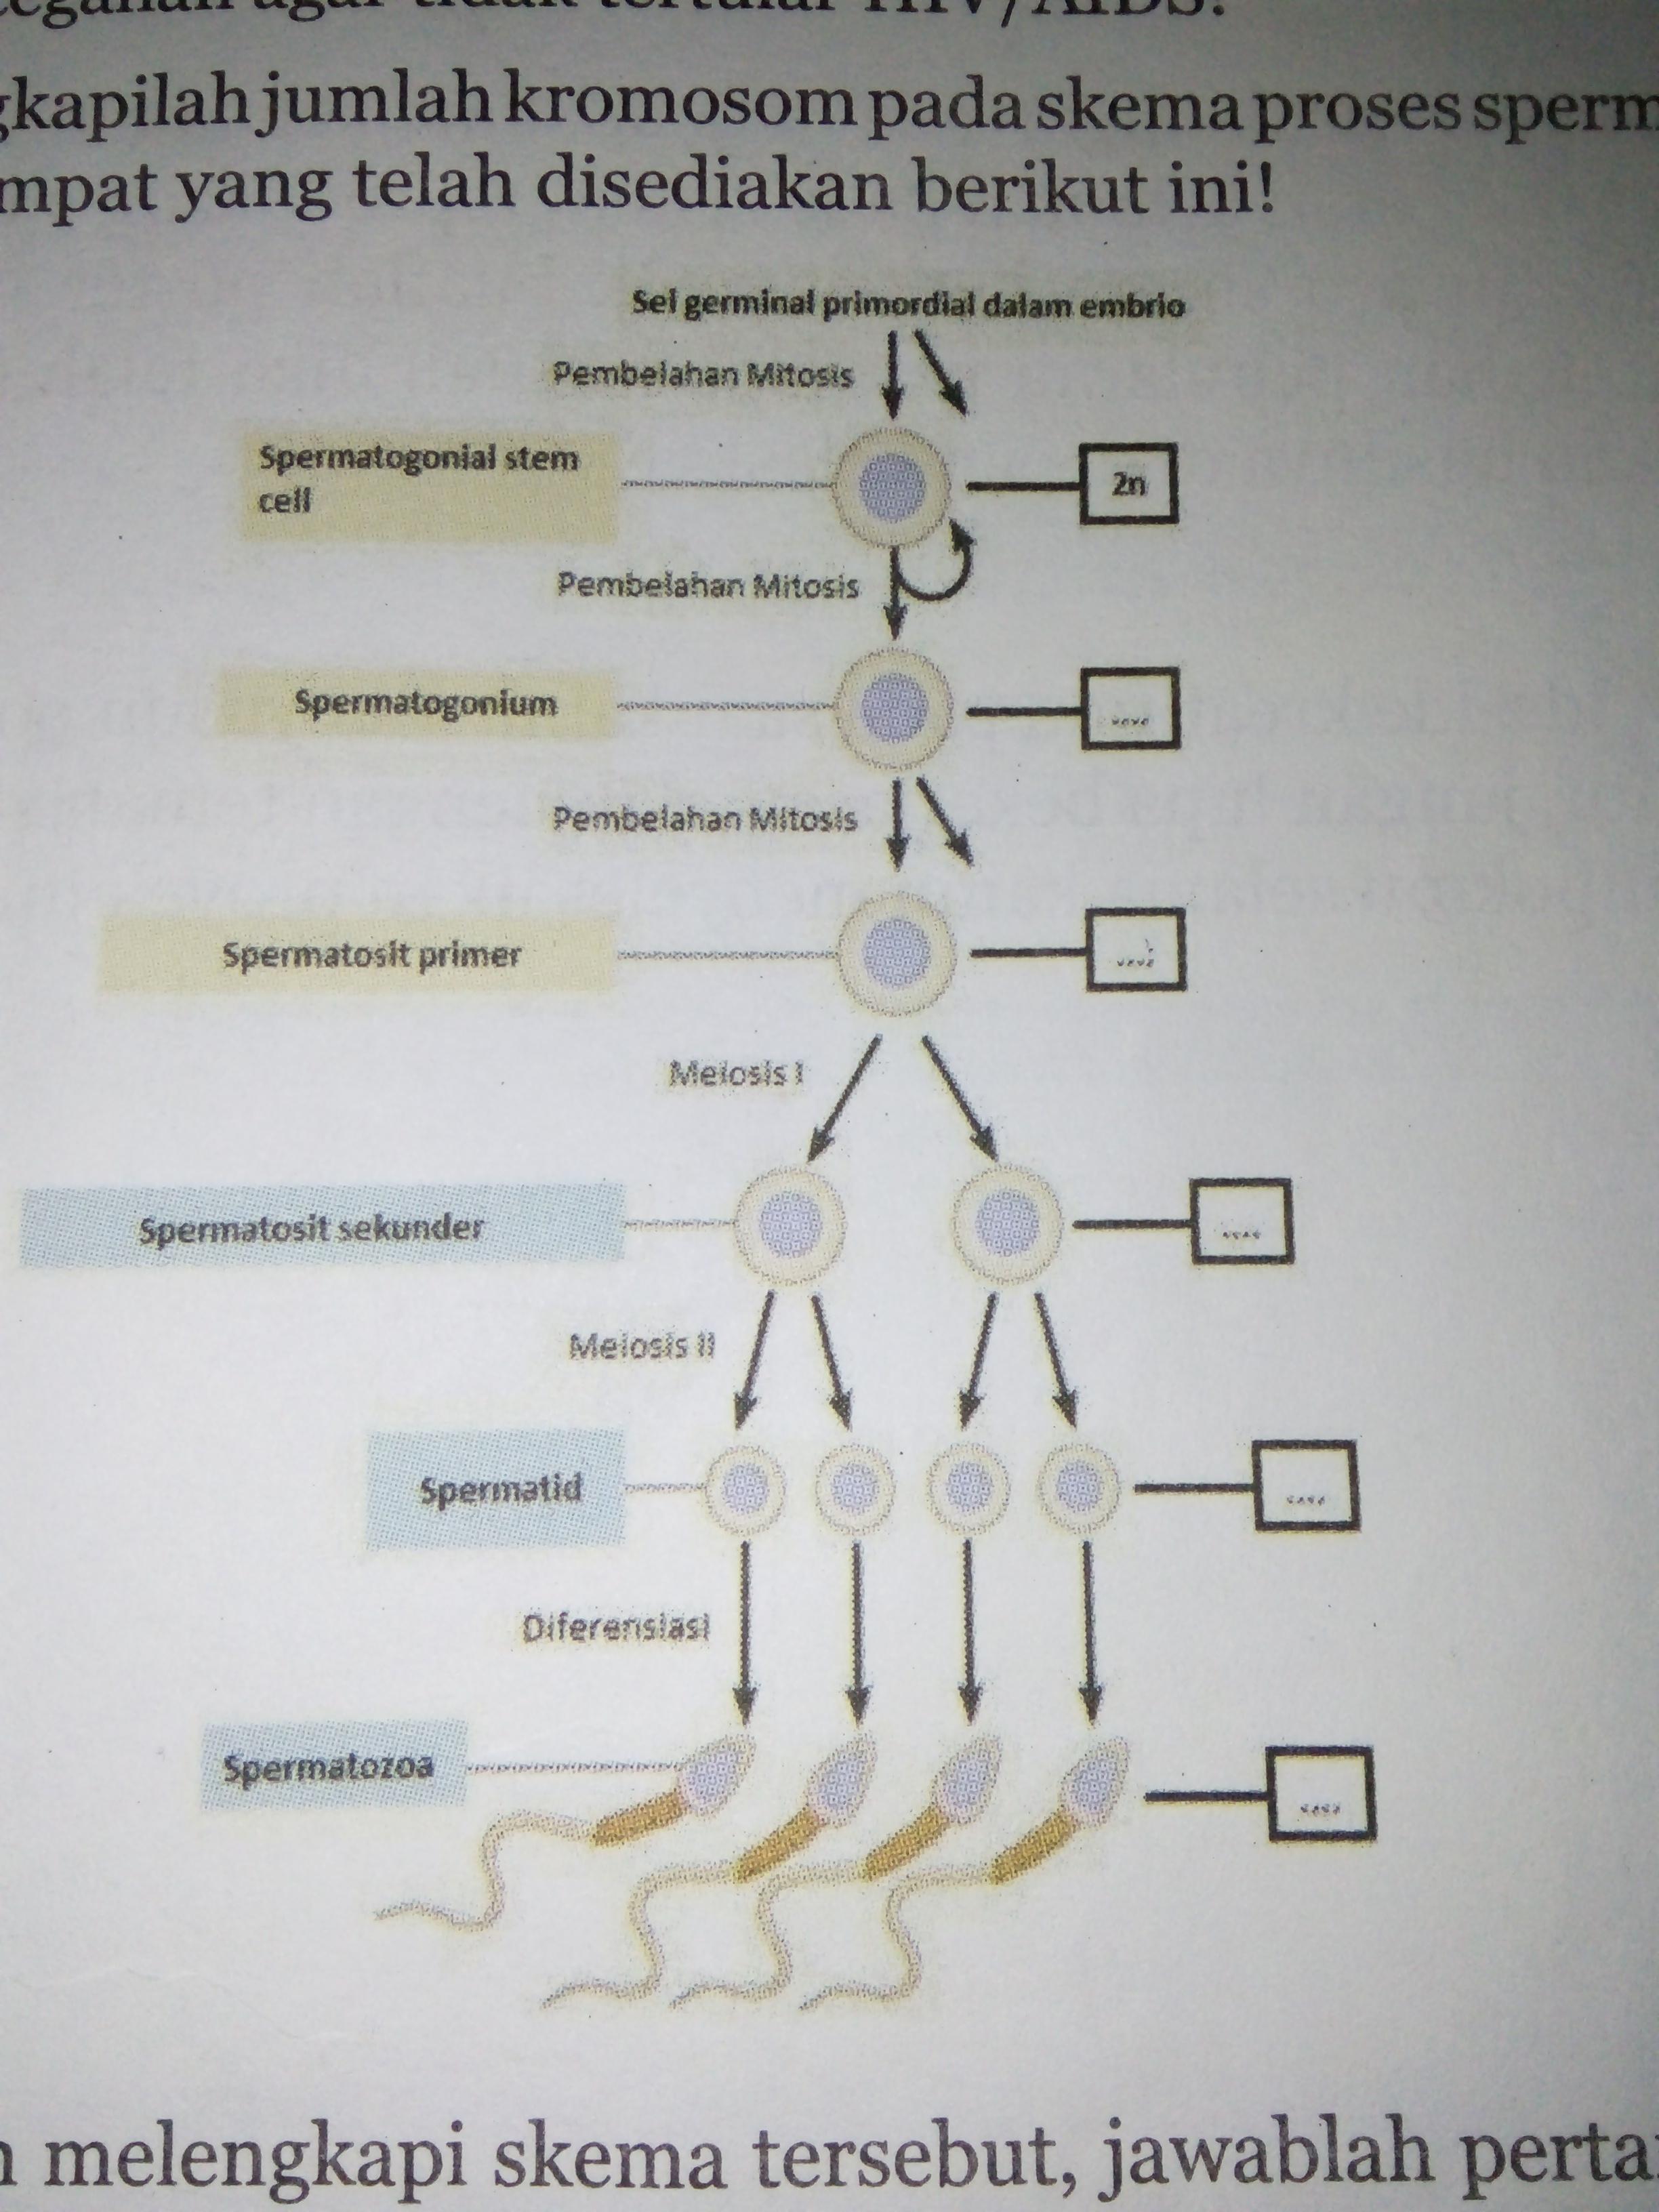 4lengkapilah jumlah kromosom pada skema proses spermatogenesis di lengkapilah jumlah kromosom pada skema proses spermatogenesis di tempat yang telah disediakan berikut ini setelah melengkapi skema tersebutjawablah ccuart Image collections